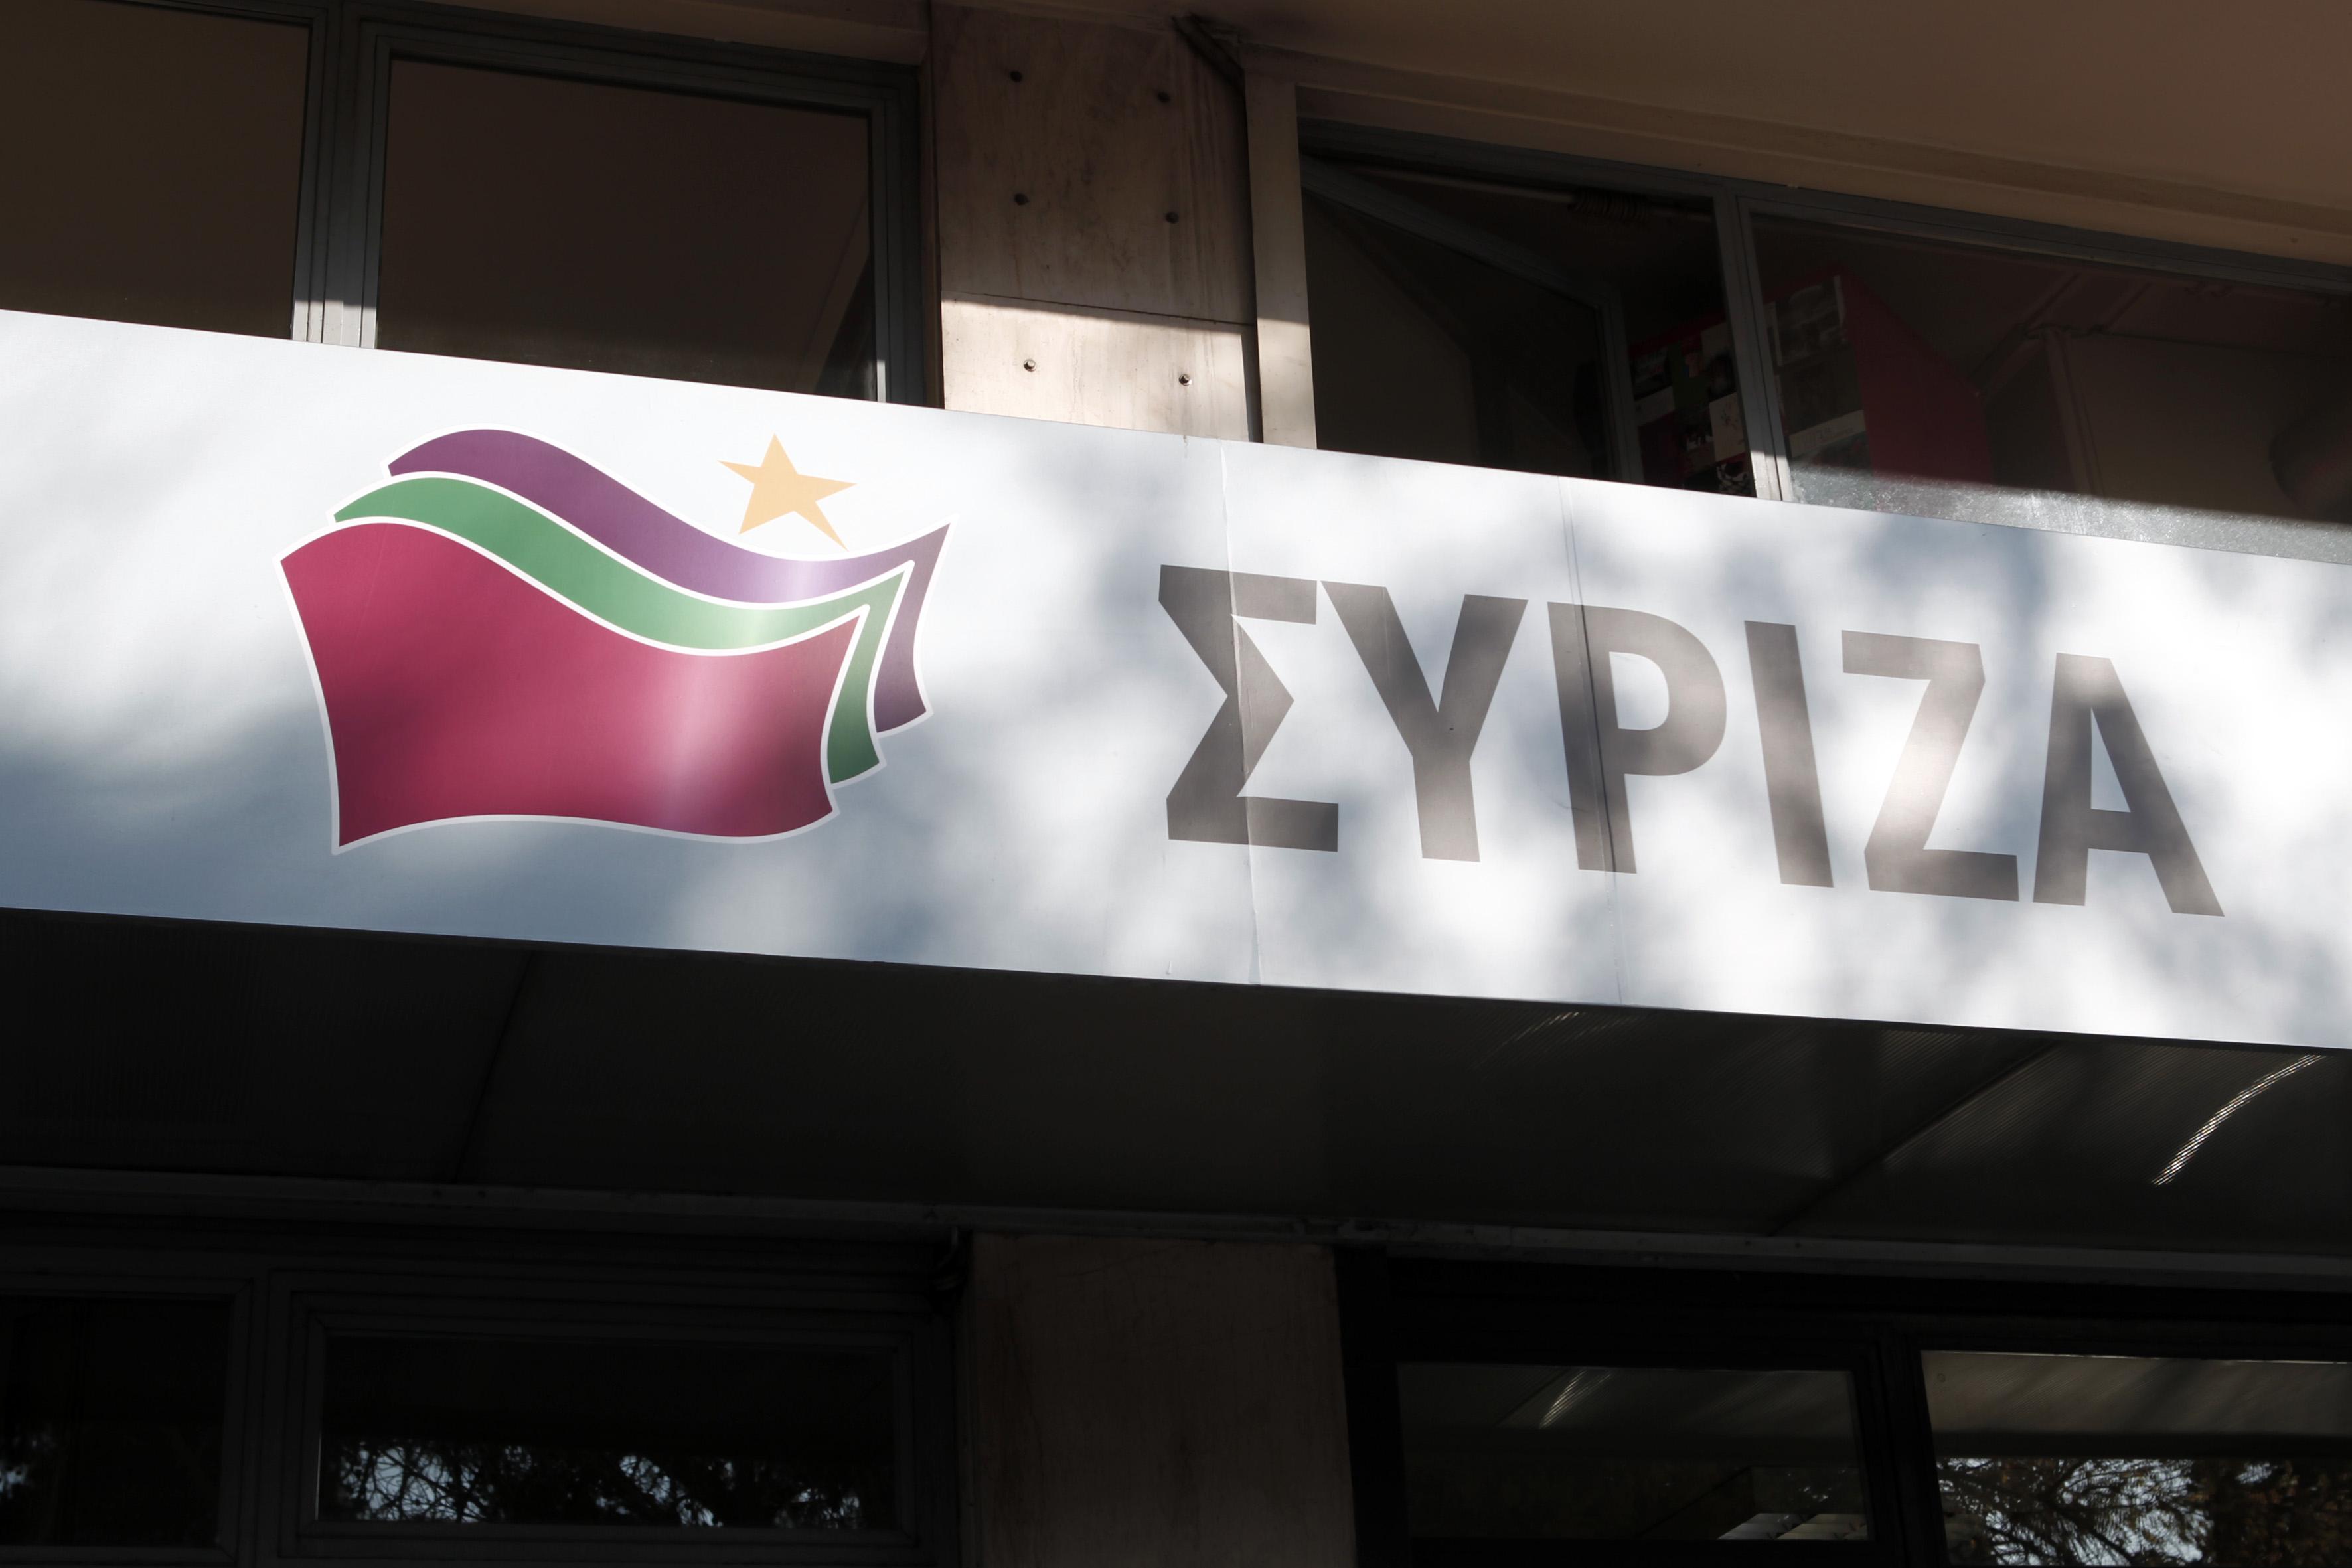 ΣΥΡΙΖΑ: Συνεδρίασε τη Παρασκευή η Πολιτική Επιτροπή | tovima.gr